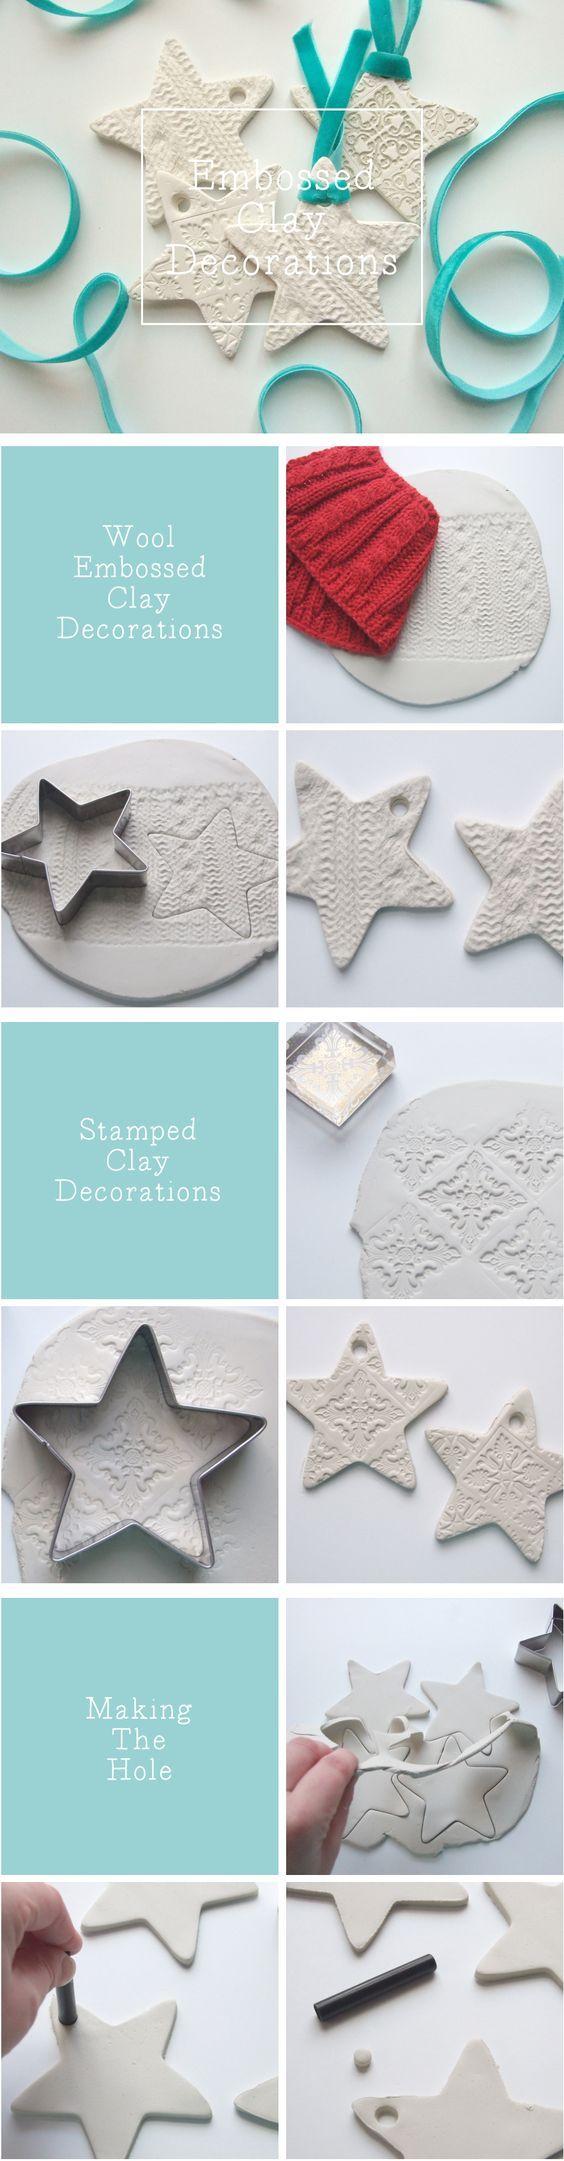 Stelle in argilla con embossed in rilievo per decorazioni natalizie: